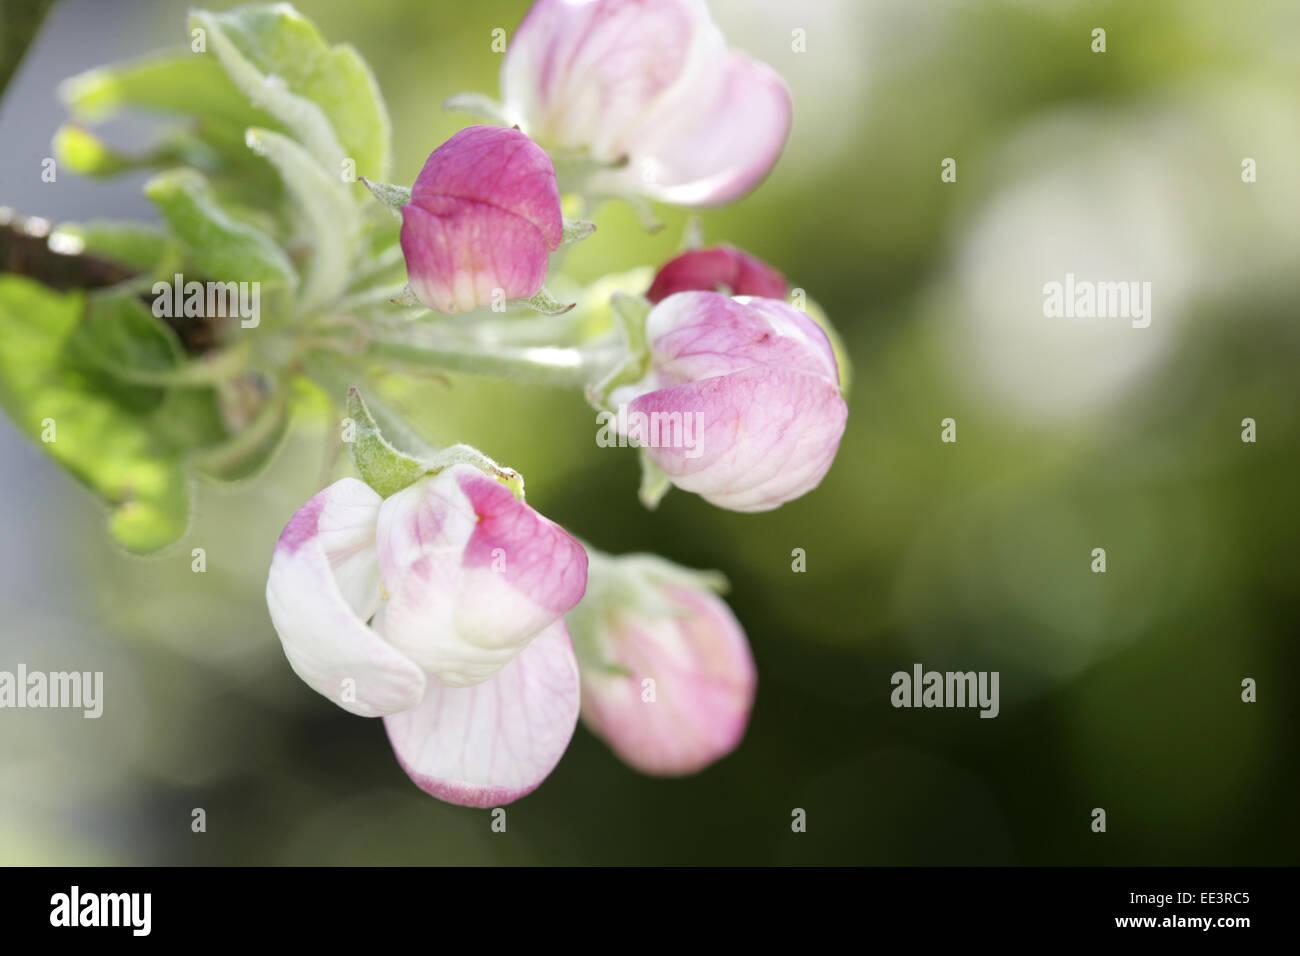 Apfelbaum, Zweig, Detail, Blueten, weiss-rosa, Baum, Rosengewaechs, Obstbaum, Malus spec, Apfelbluete, Obstbaumbluete, - Stock Image